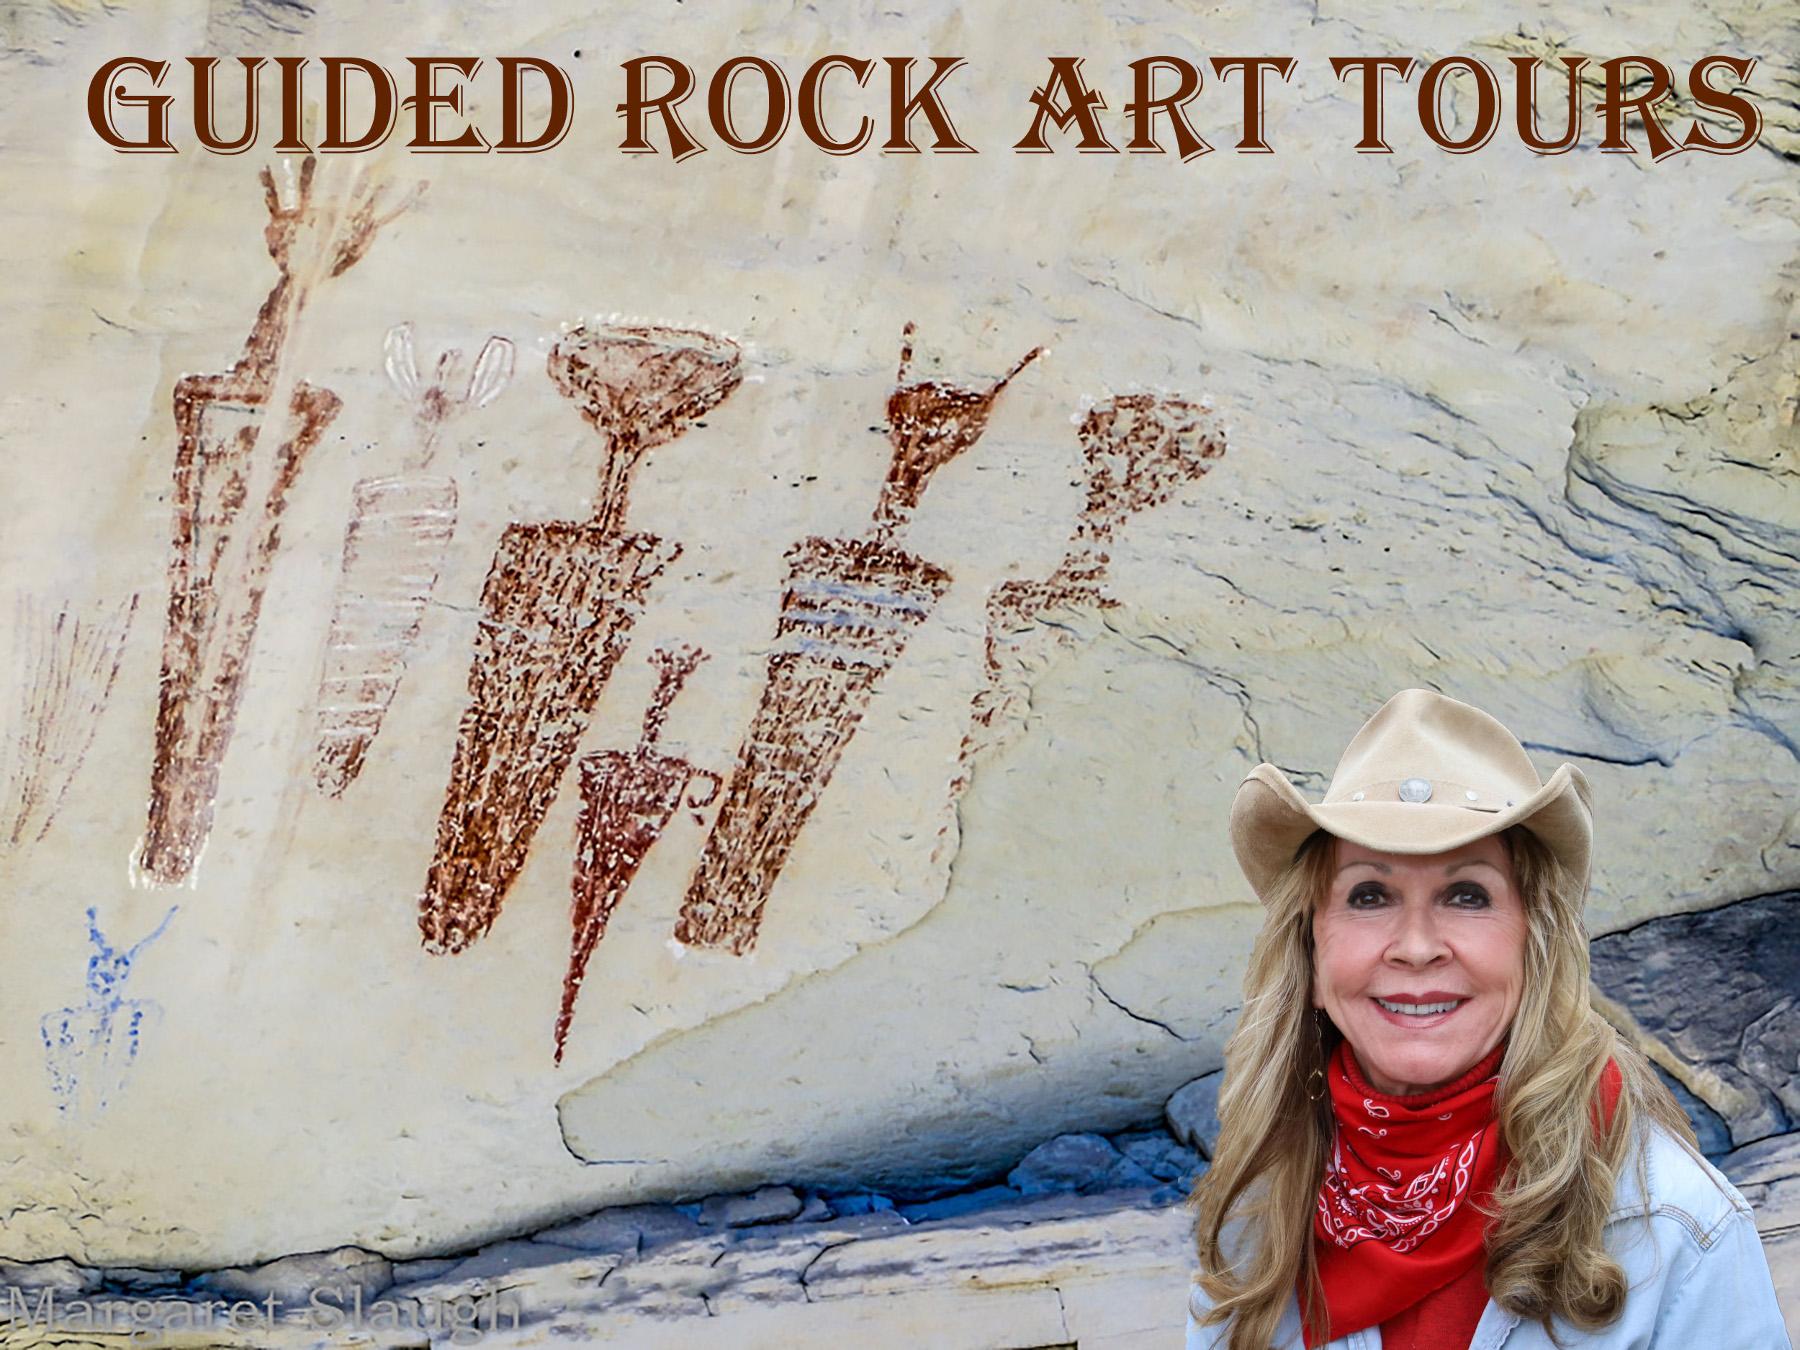 Canyon Pintado and Dragon Trail Rock Art Tours